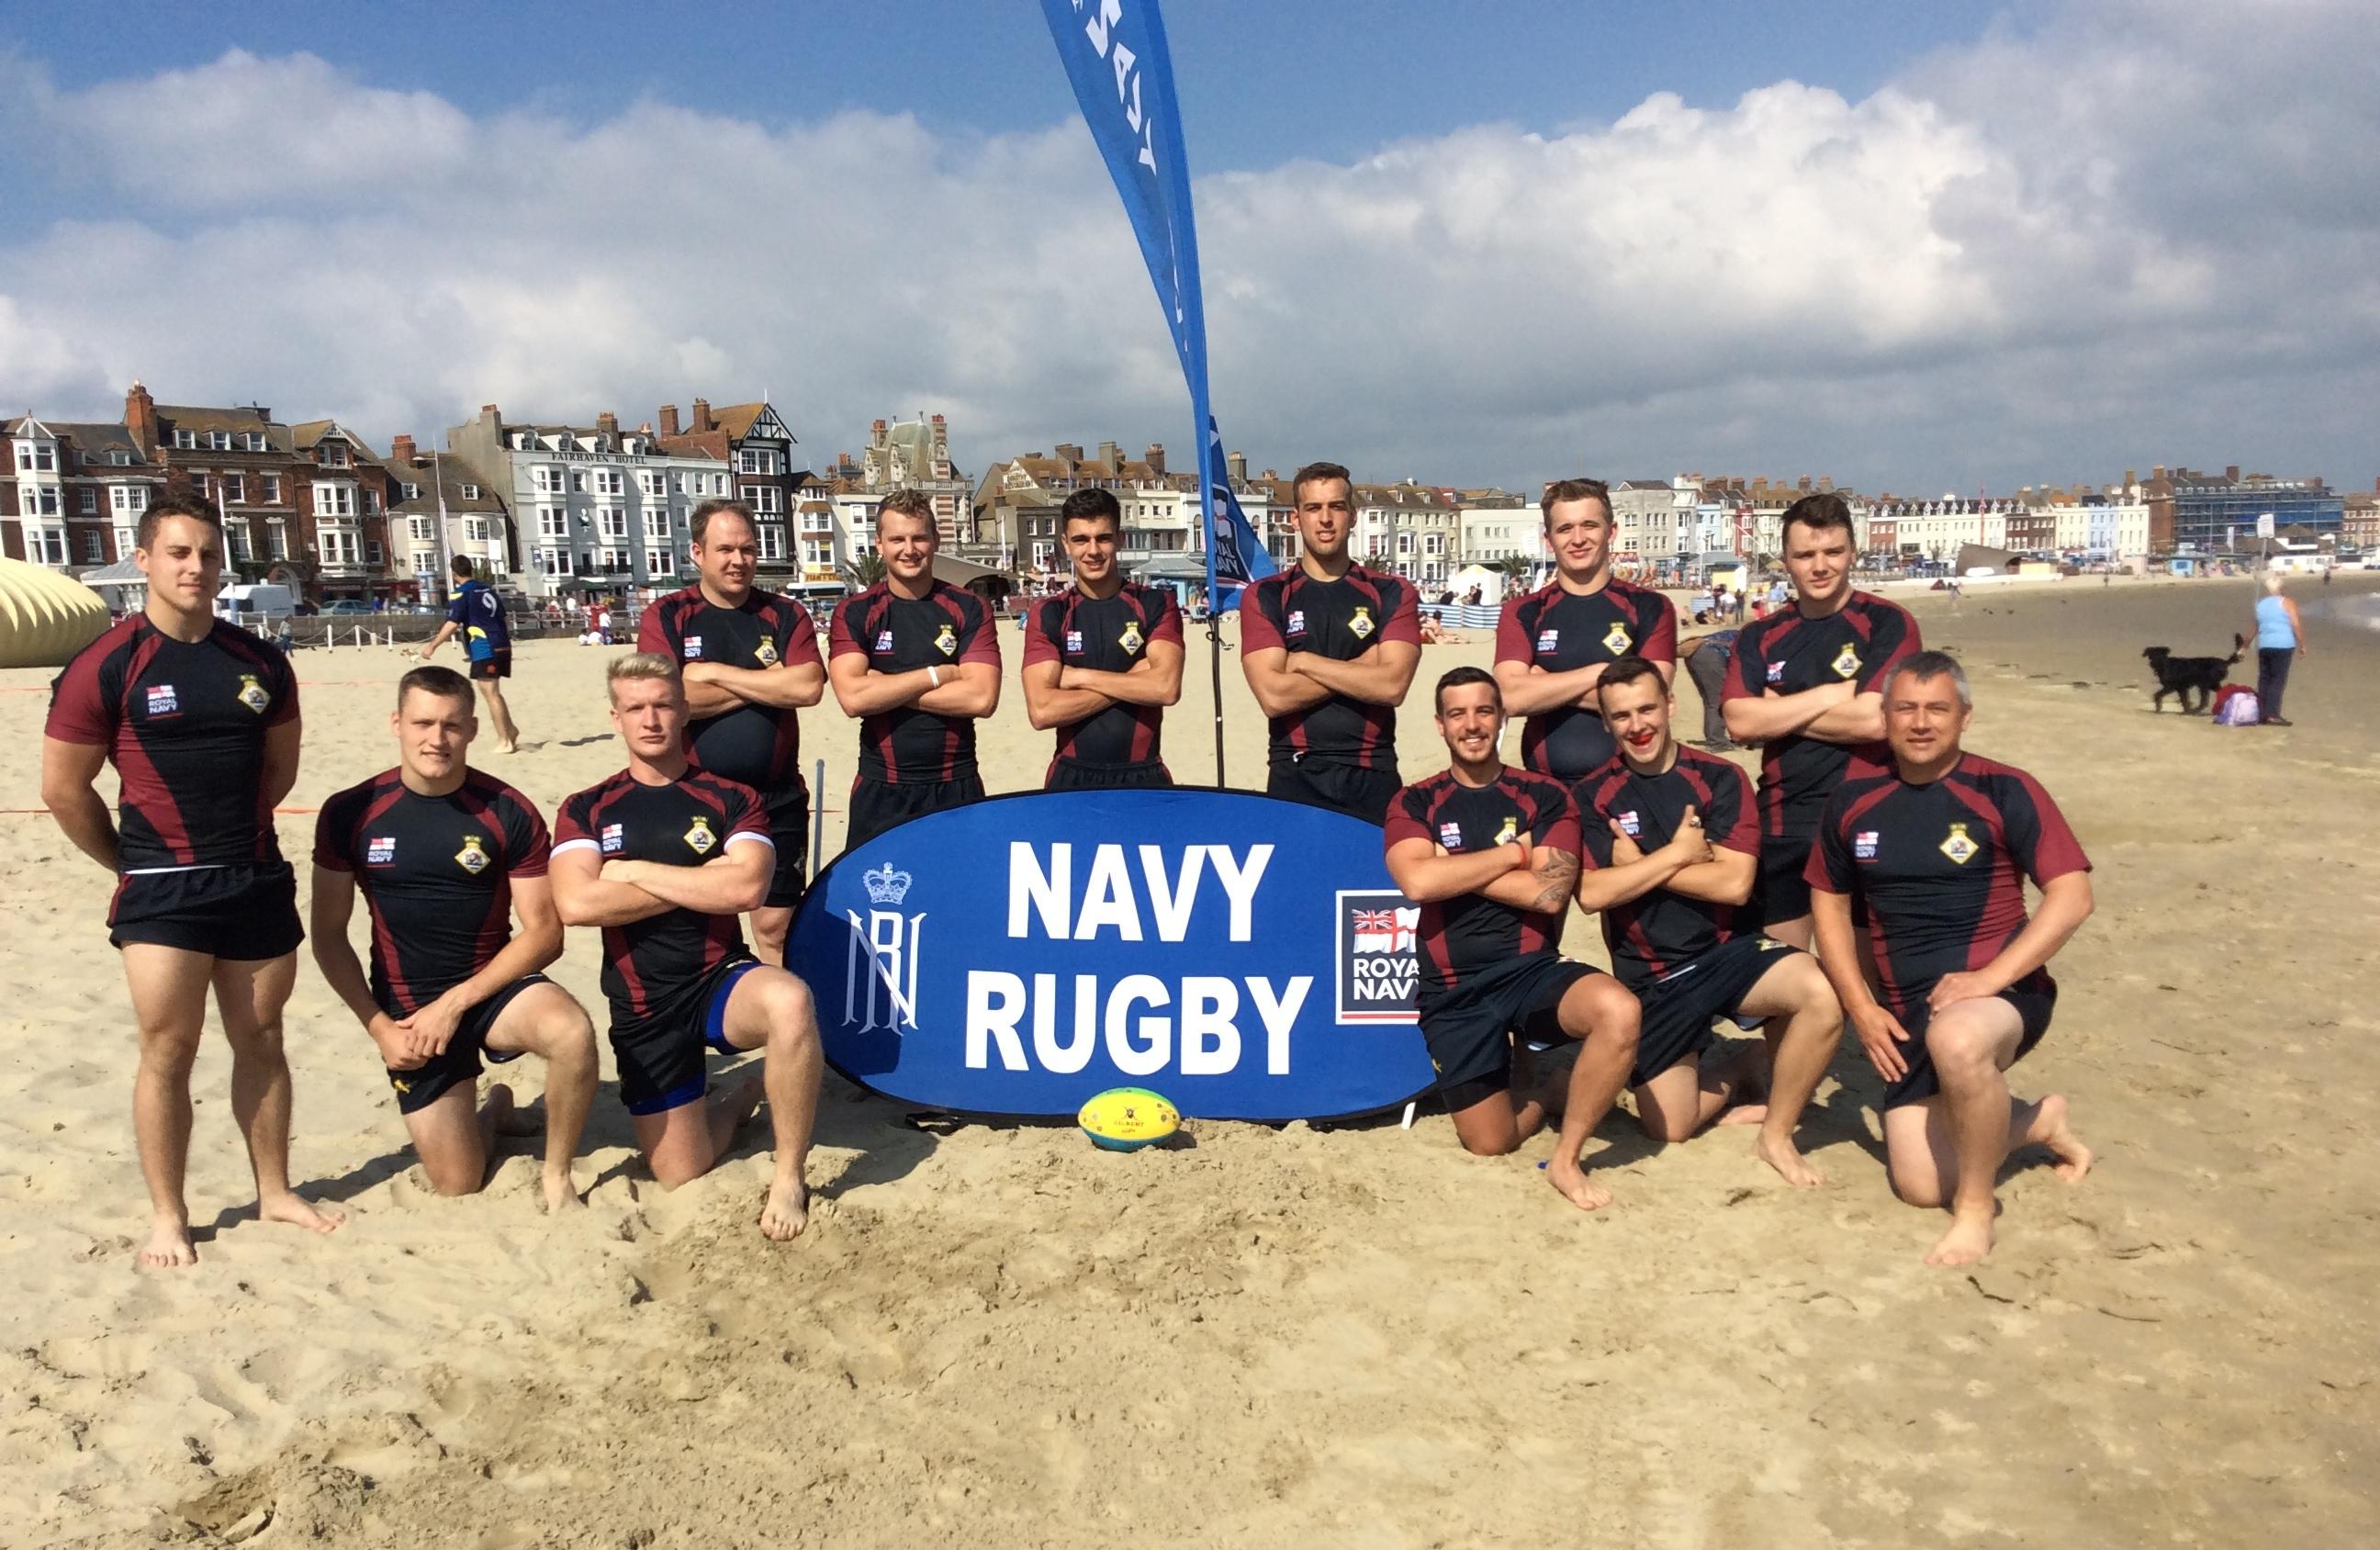 HMS SULTAN - Beach rugby festival